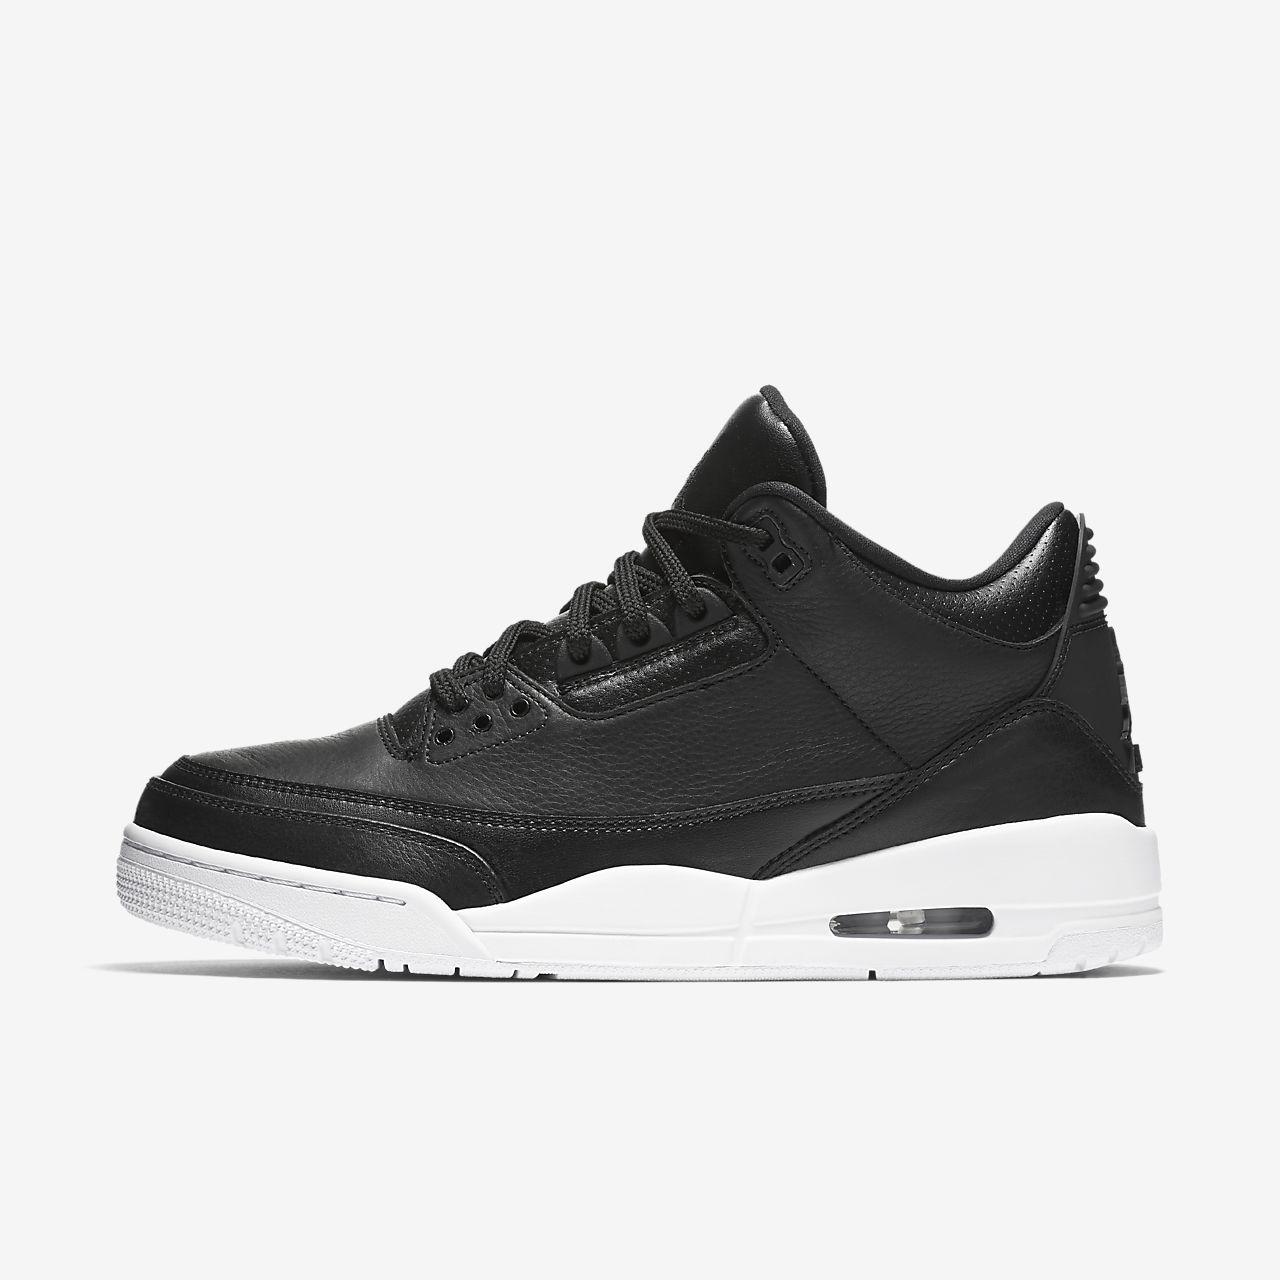 Air Jordan 3 Chaussures Mens Rétro vente boutique pour vente grande vente  choix pas cher pour